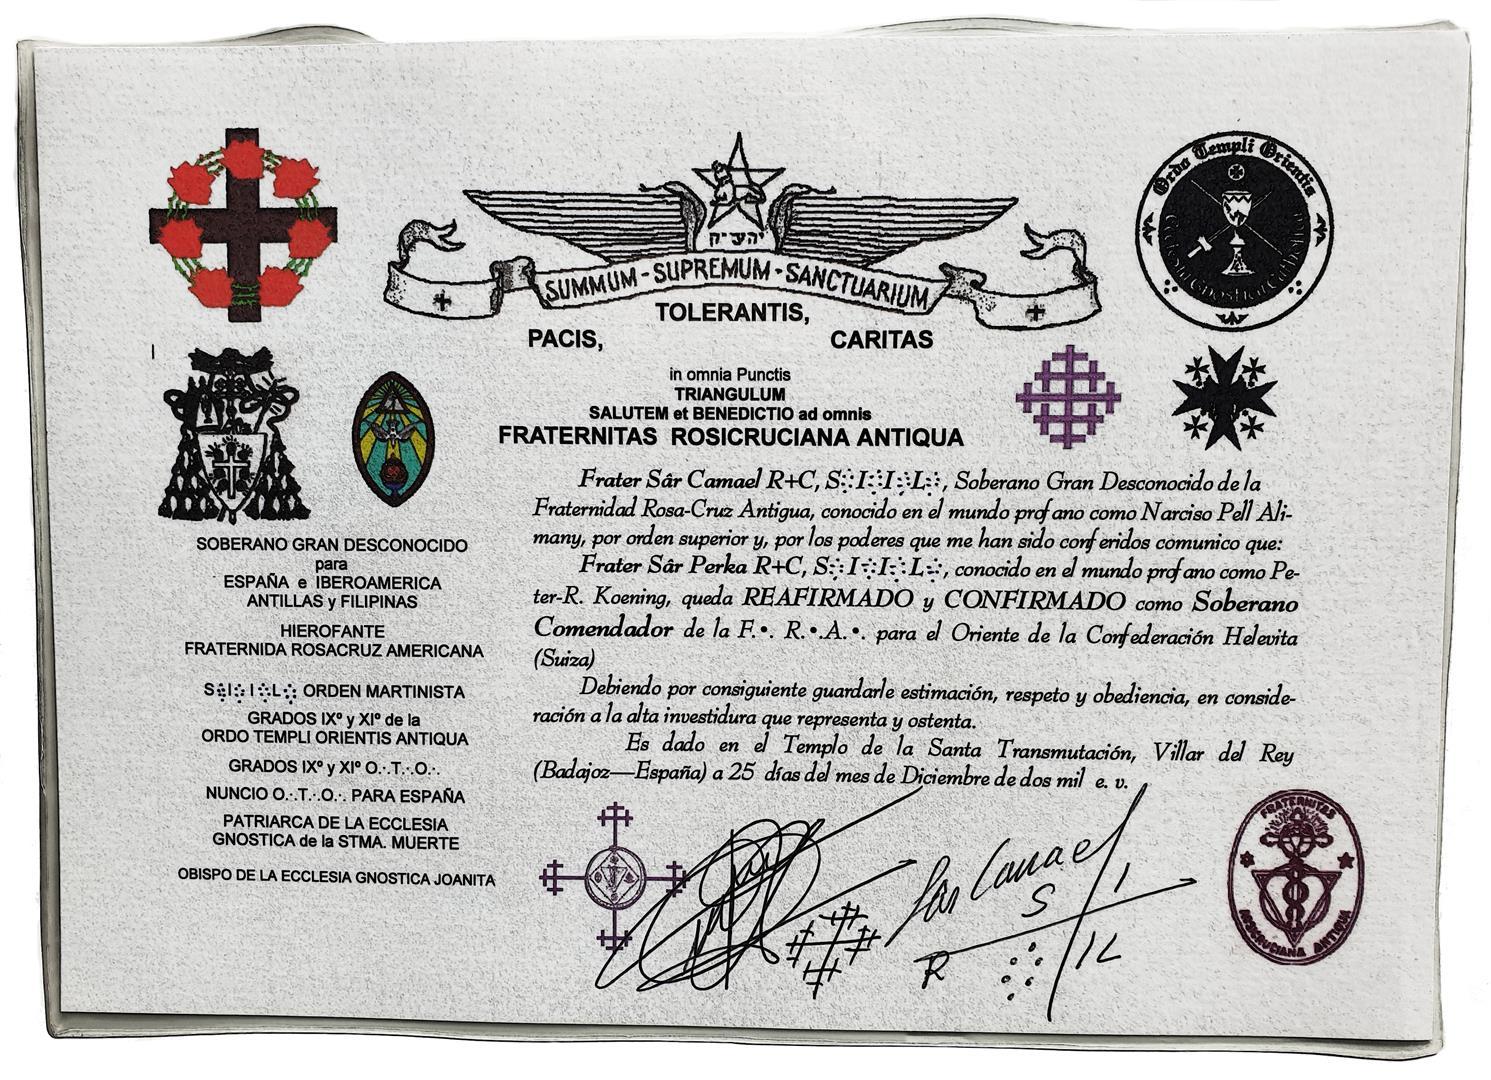 Comendador of F.R.A. Spain